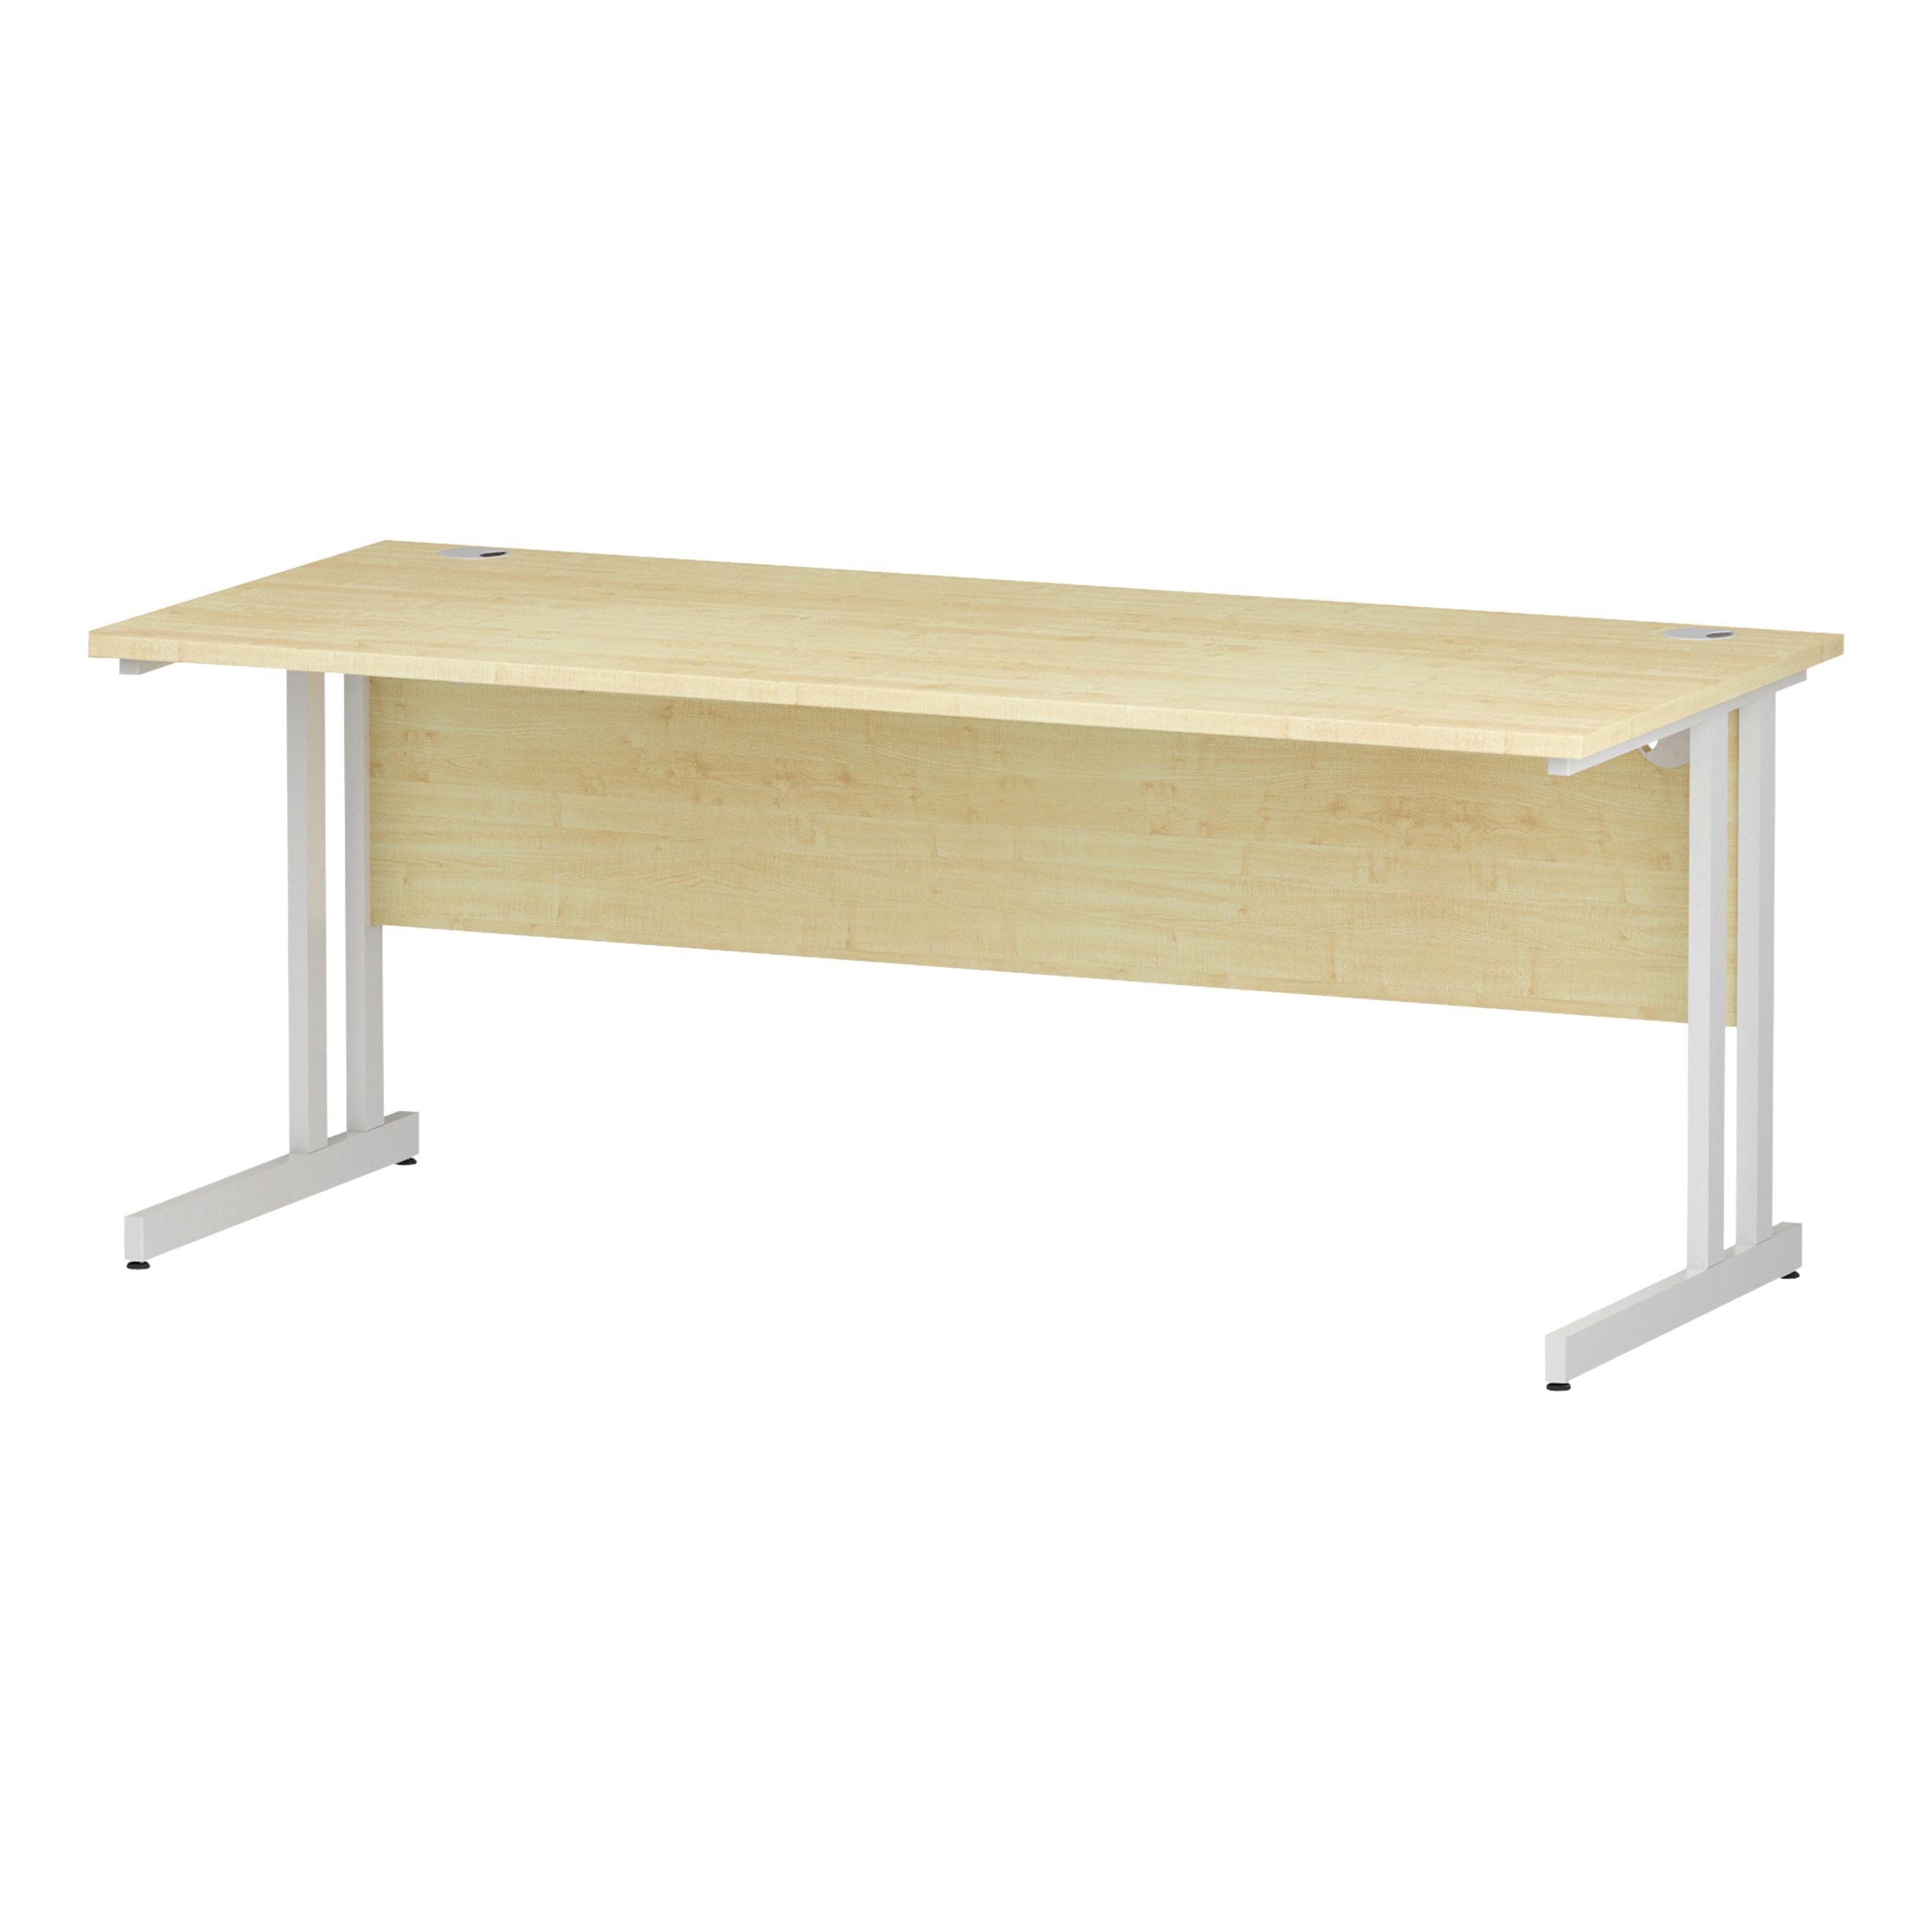 Trexus Rectangular Desk White Cantilever Leg 1800x800mm Maple Ref I002420